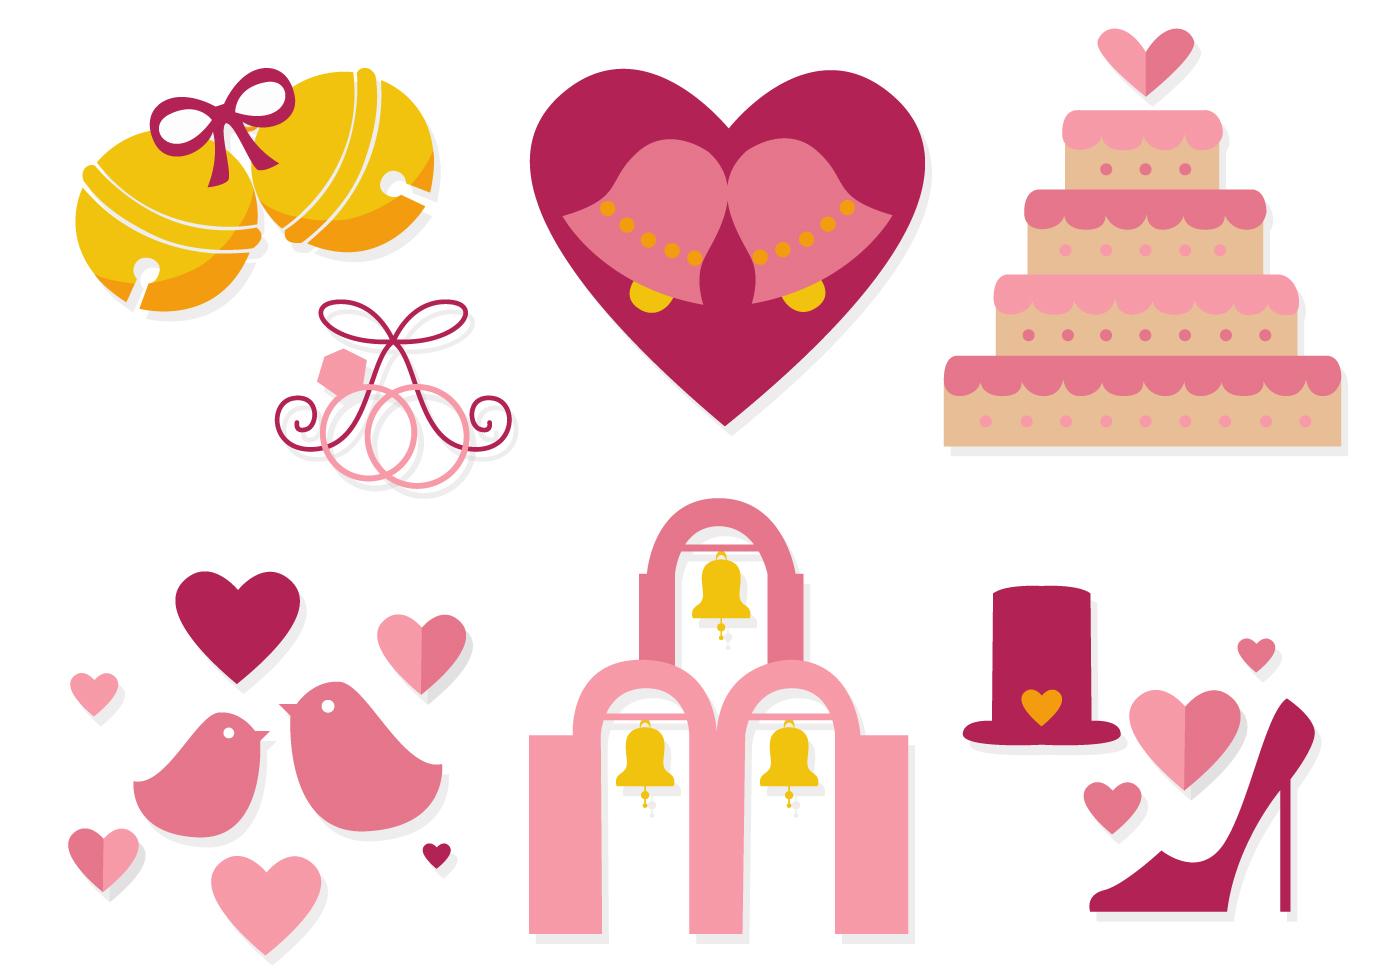 free wedding bells vector download free vector art stock graphics rh vecteezy com wedding bells vector free download wedding bells free vector graphics